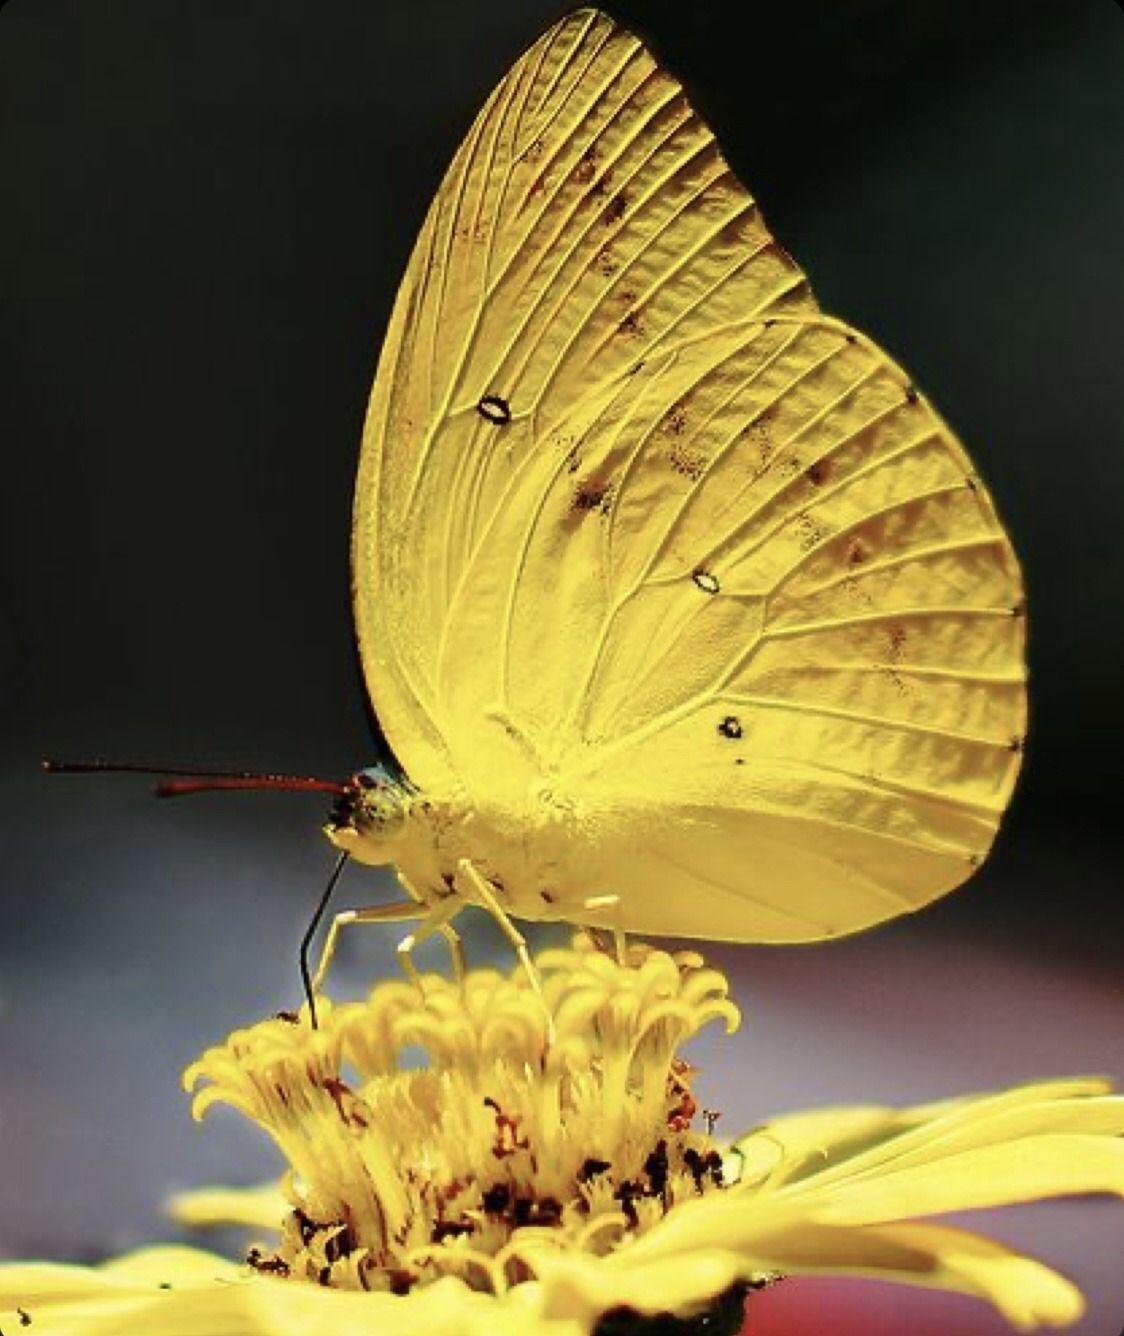 Pin Von Begonia Auf 1 Schmetterlinge Motten Schmetterlingsbilder Schmeterlinge Und Insekten